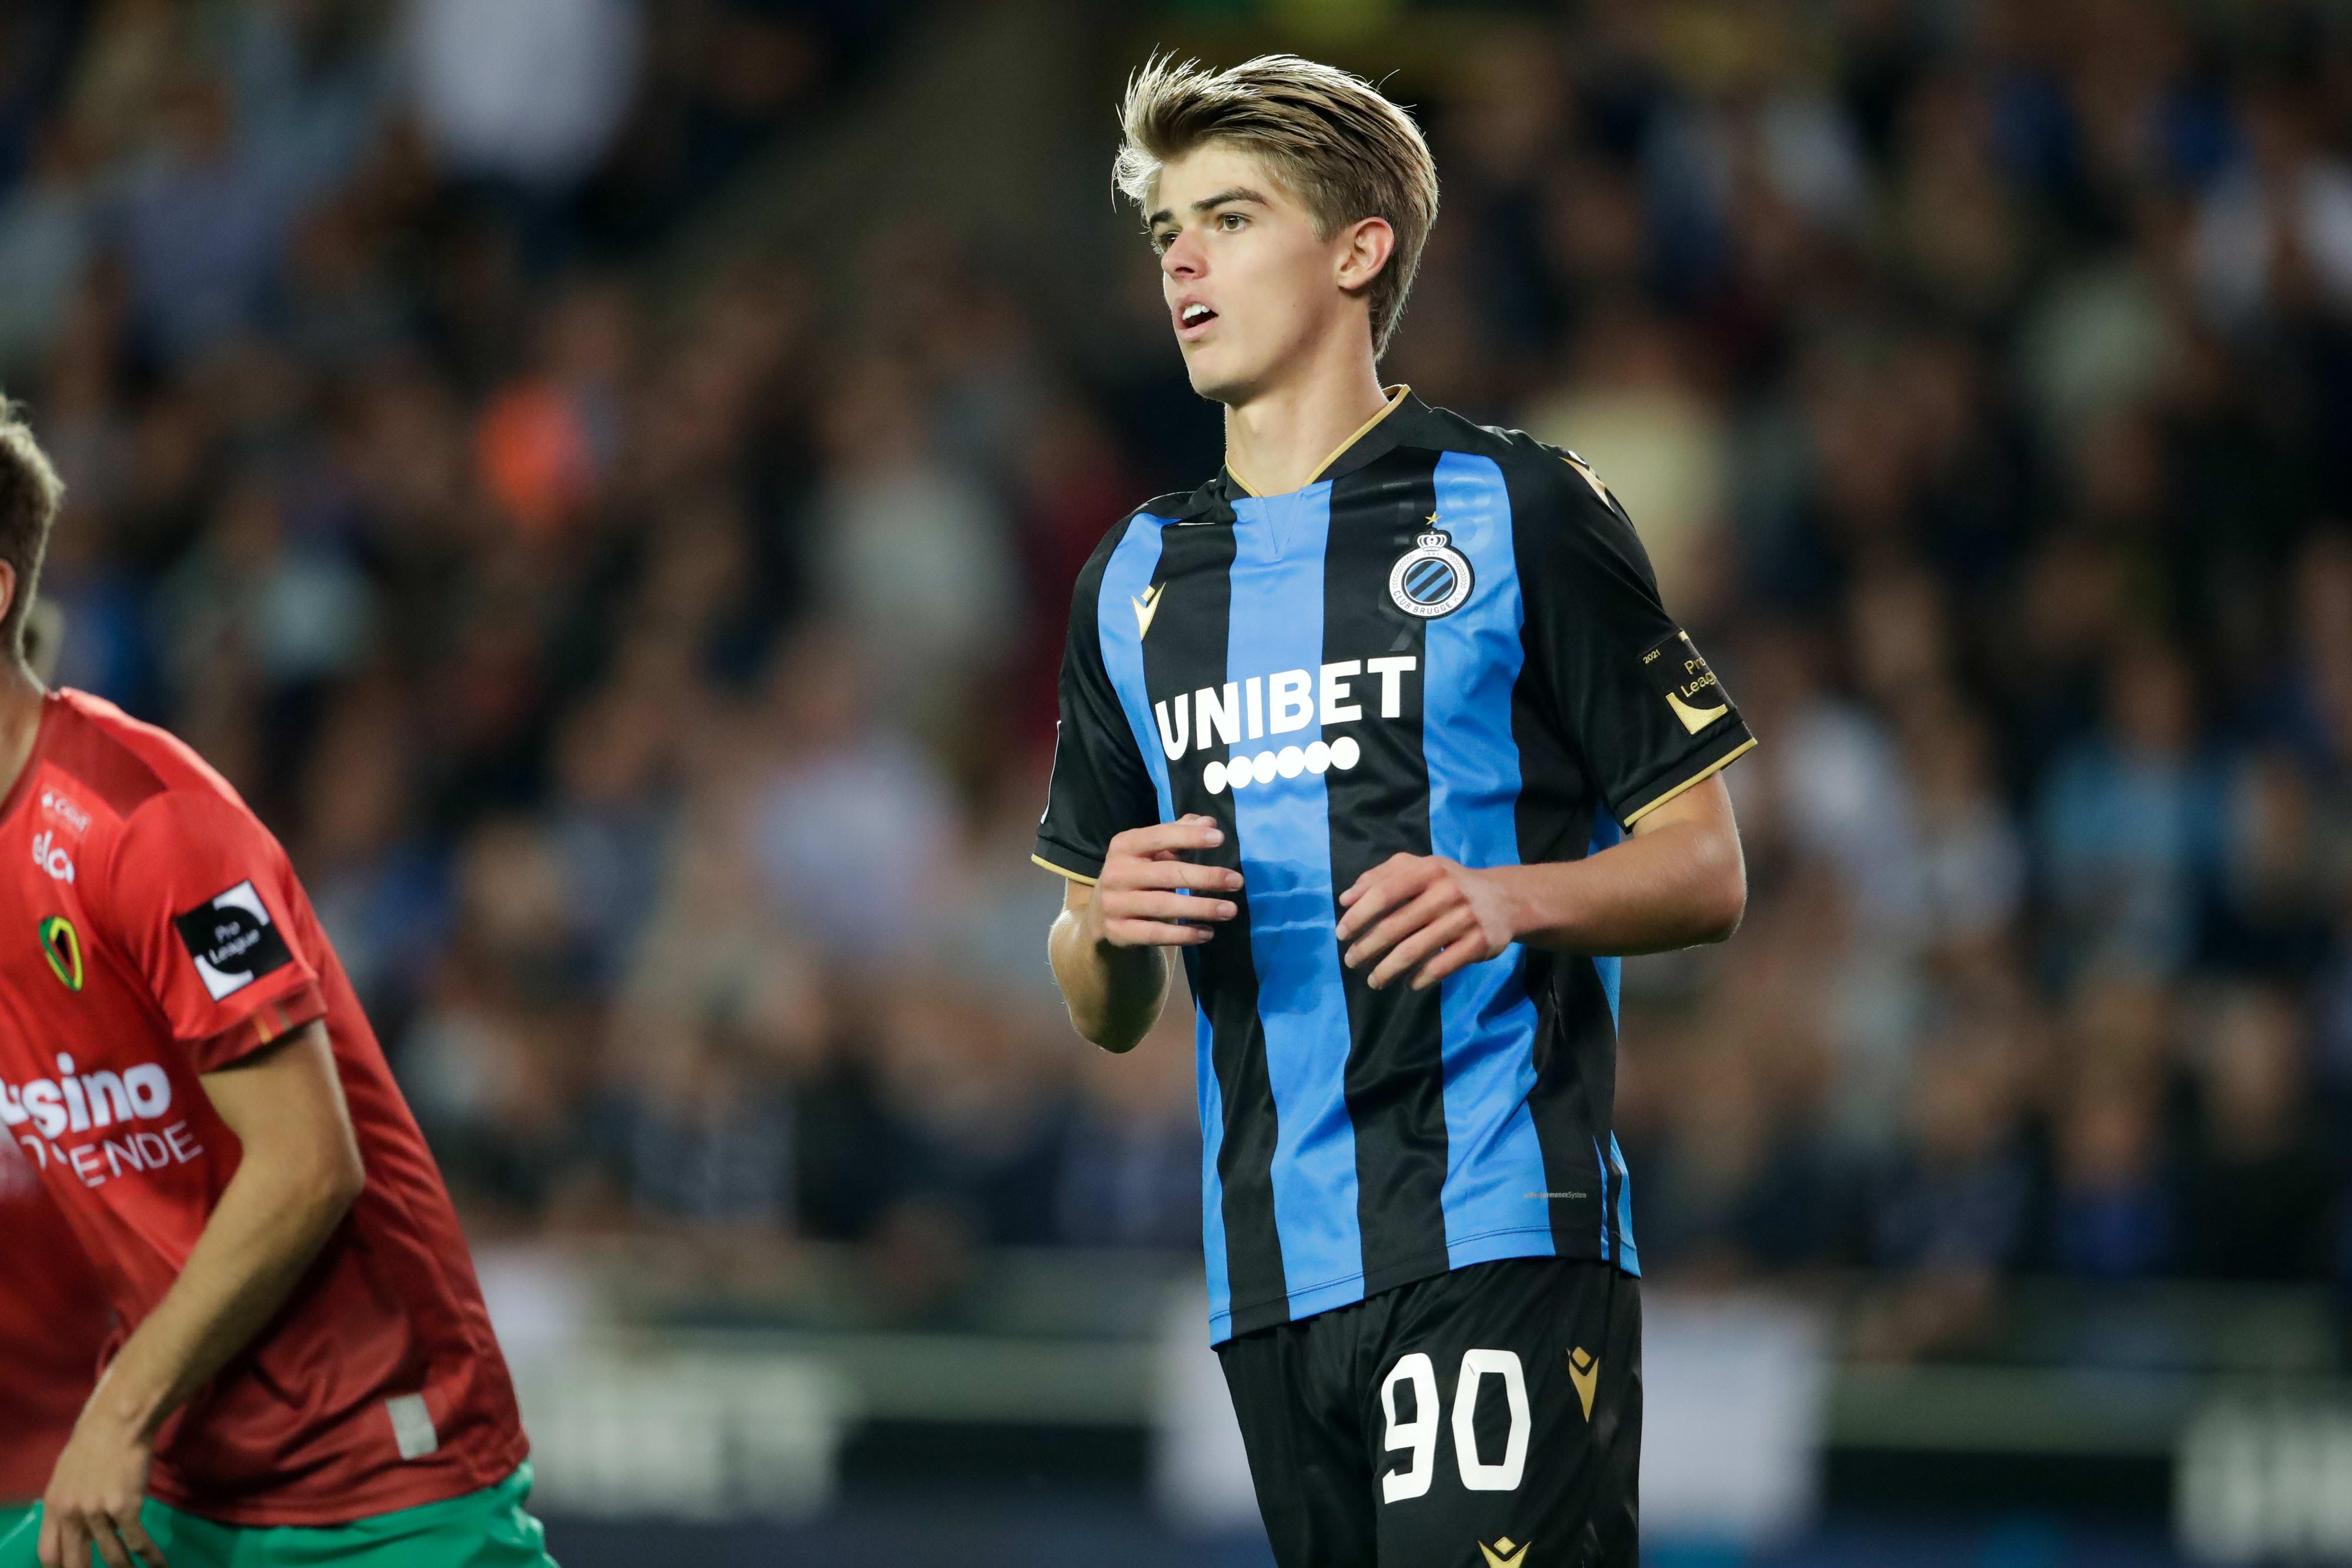 Charles de Catalara Player Club Brugge